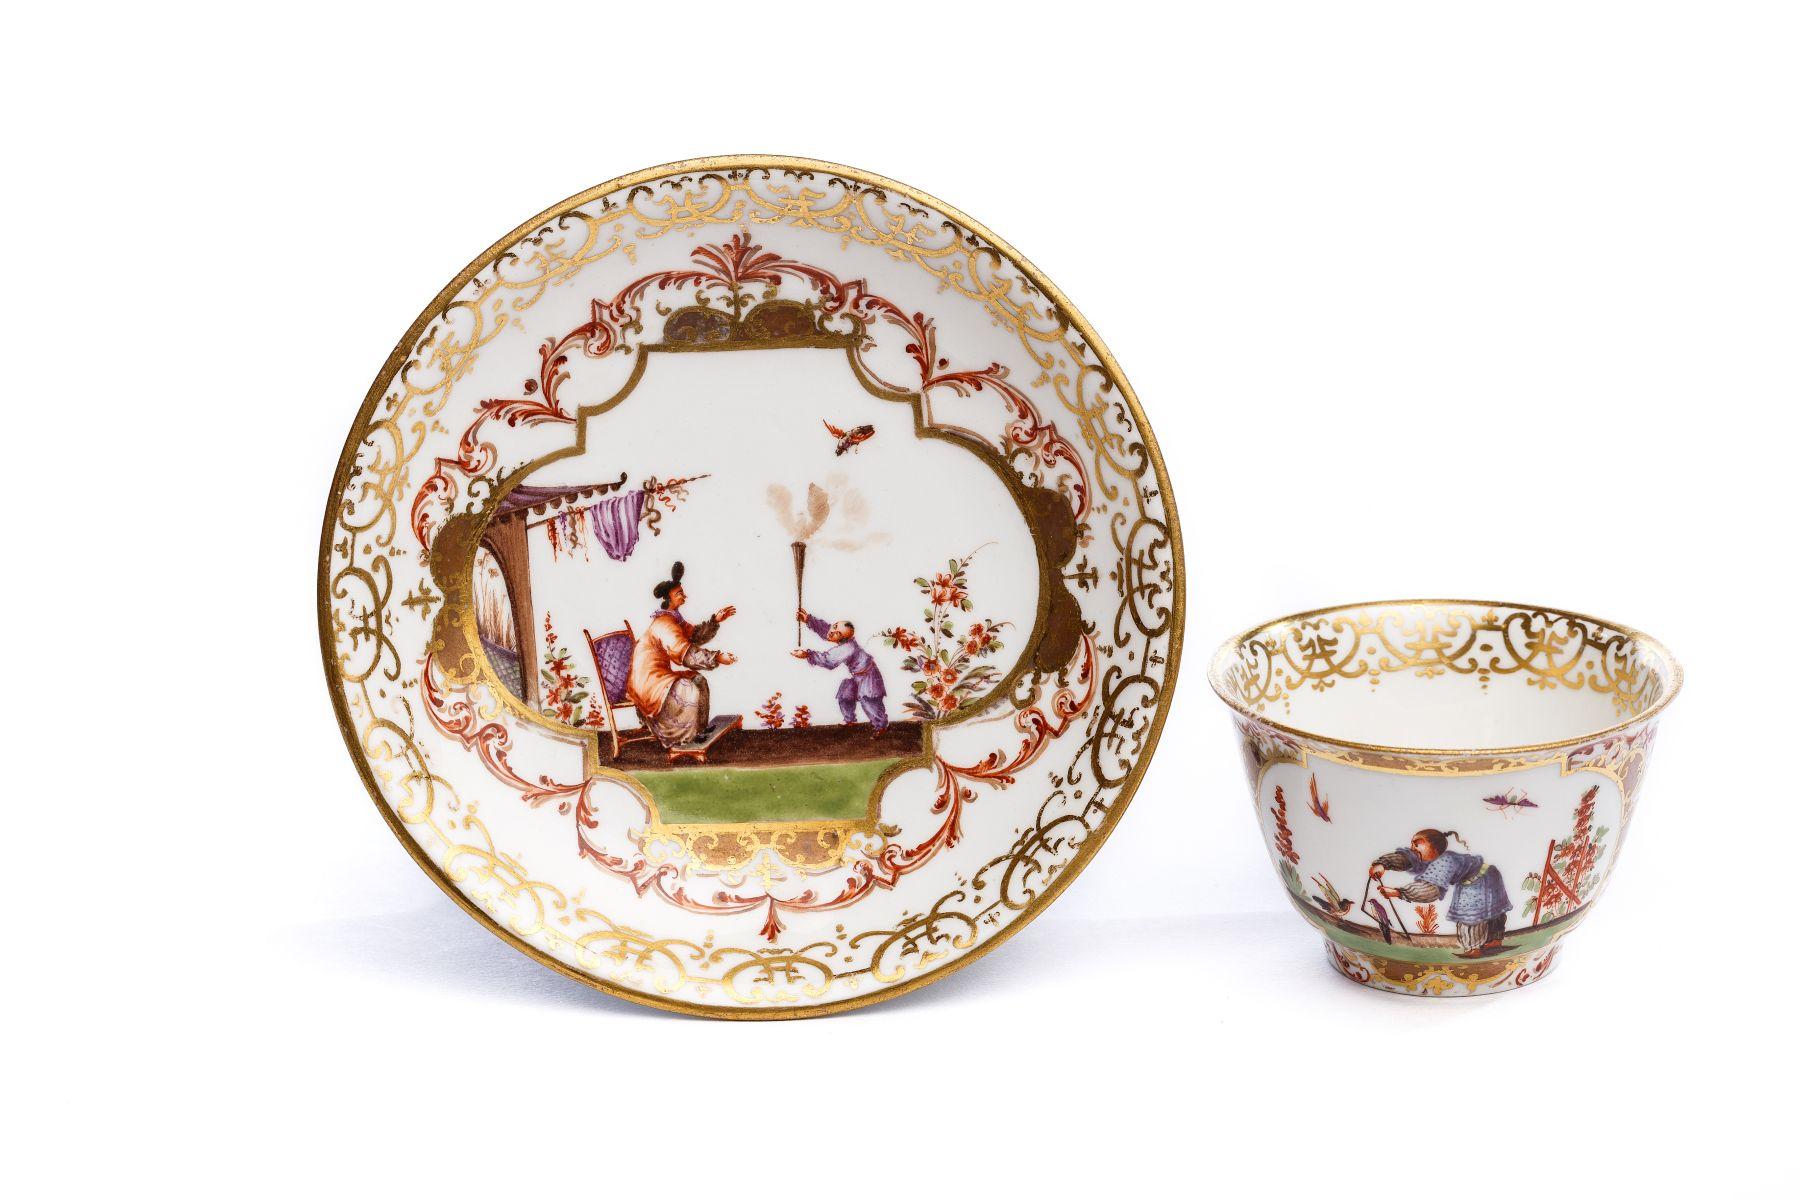 #25 Bowl with saucer, Meissen 1720/25 | Koppchen mit Unterschale, Meissen 1720/25 Image